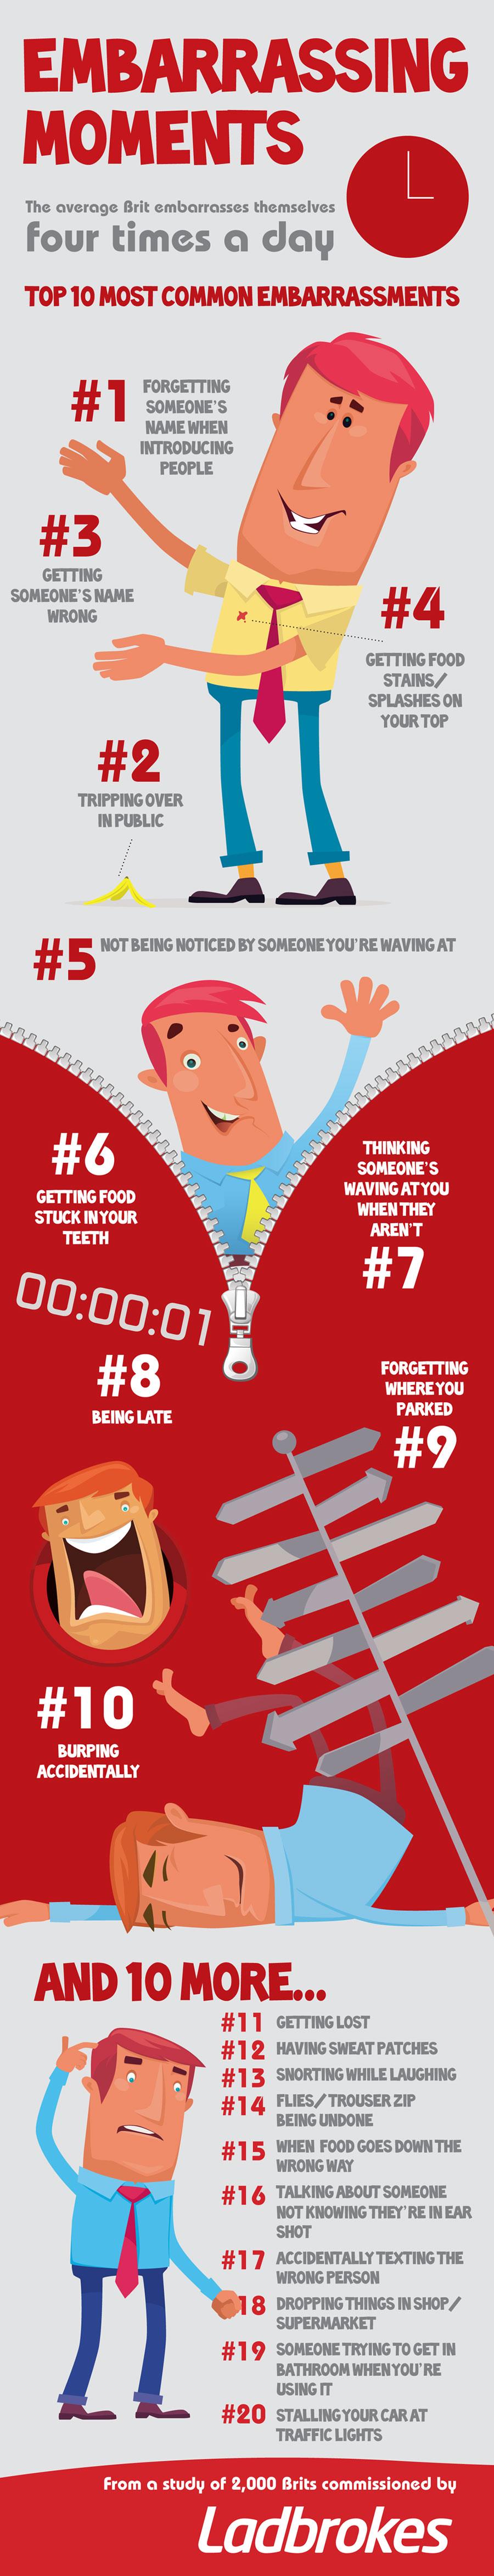 Top 10 Embarrassing Moments